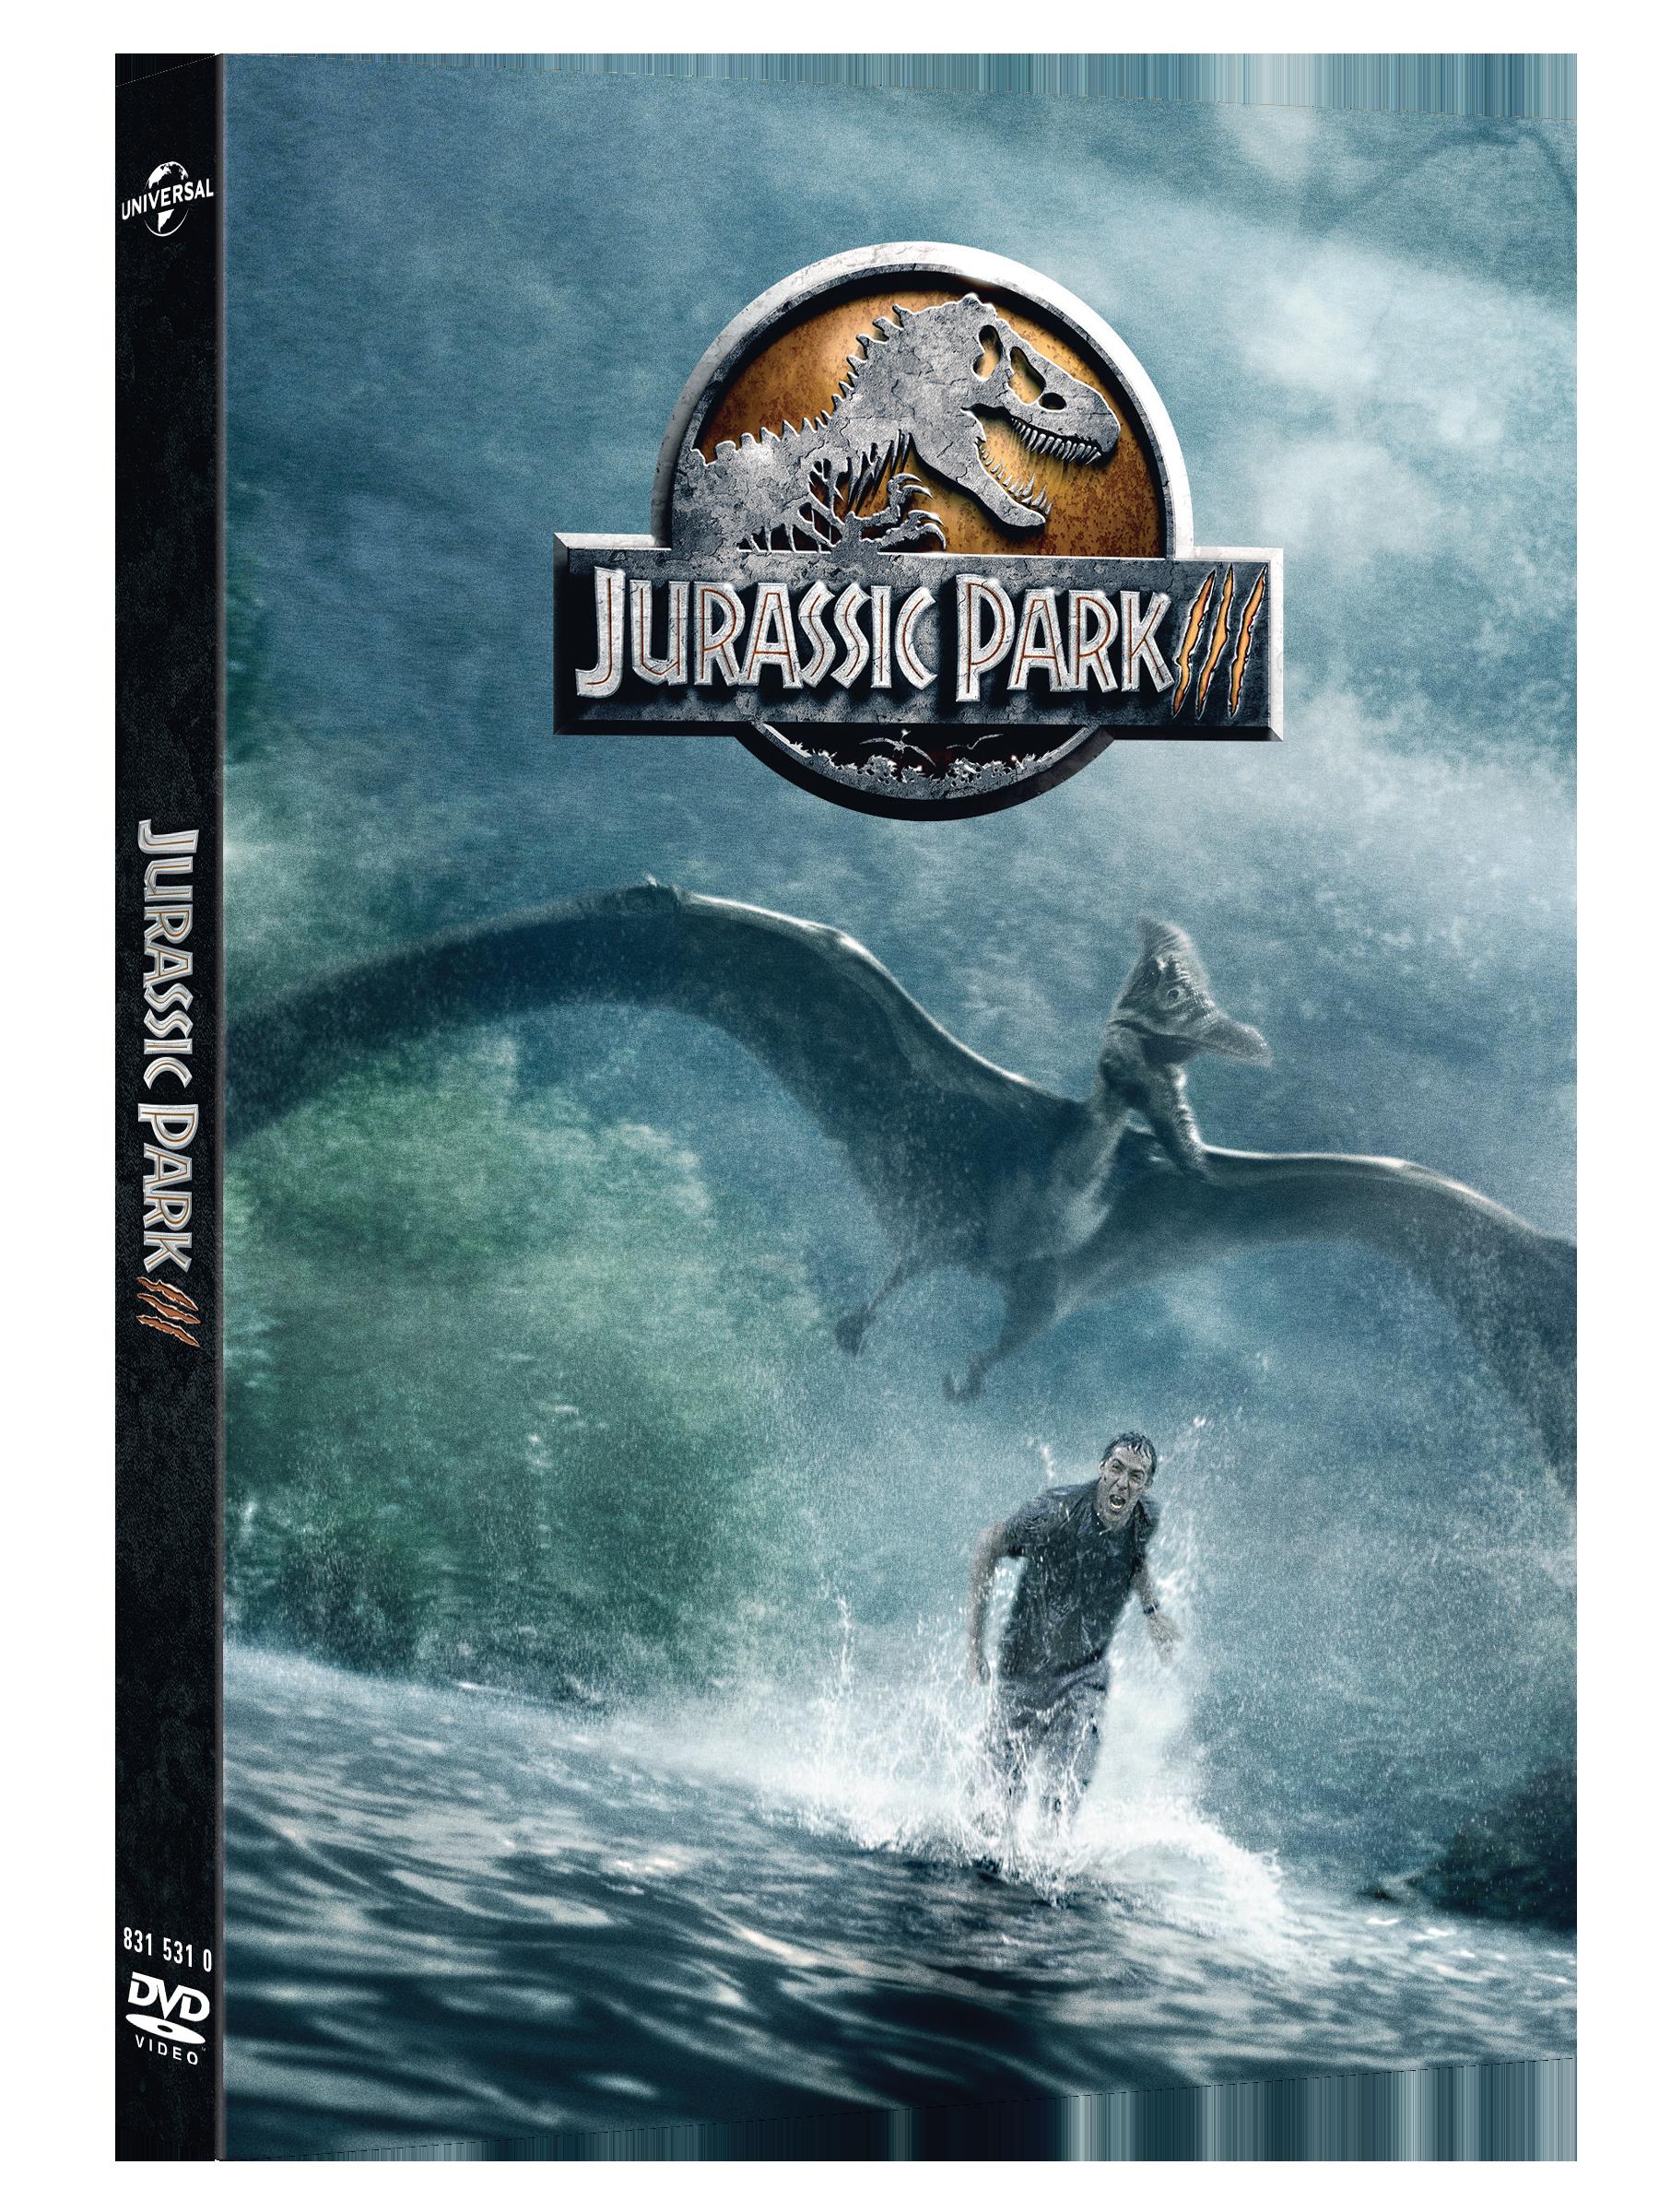 JP3_Ita_DVD-ORing_Ret_8315310-40_3D